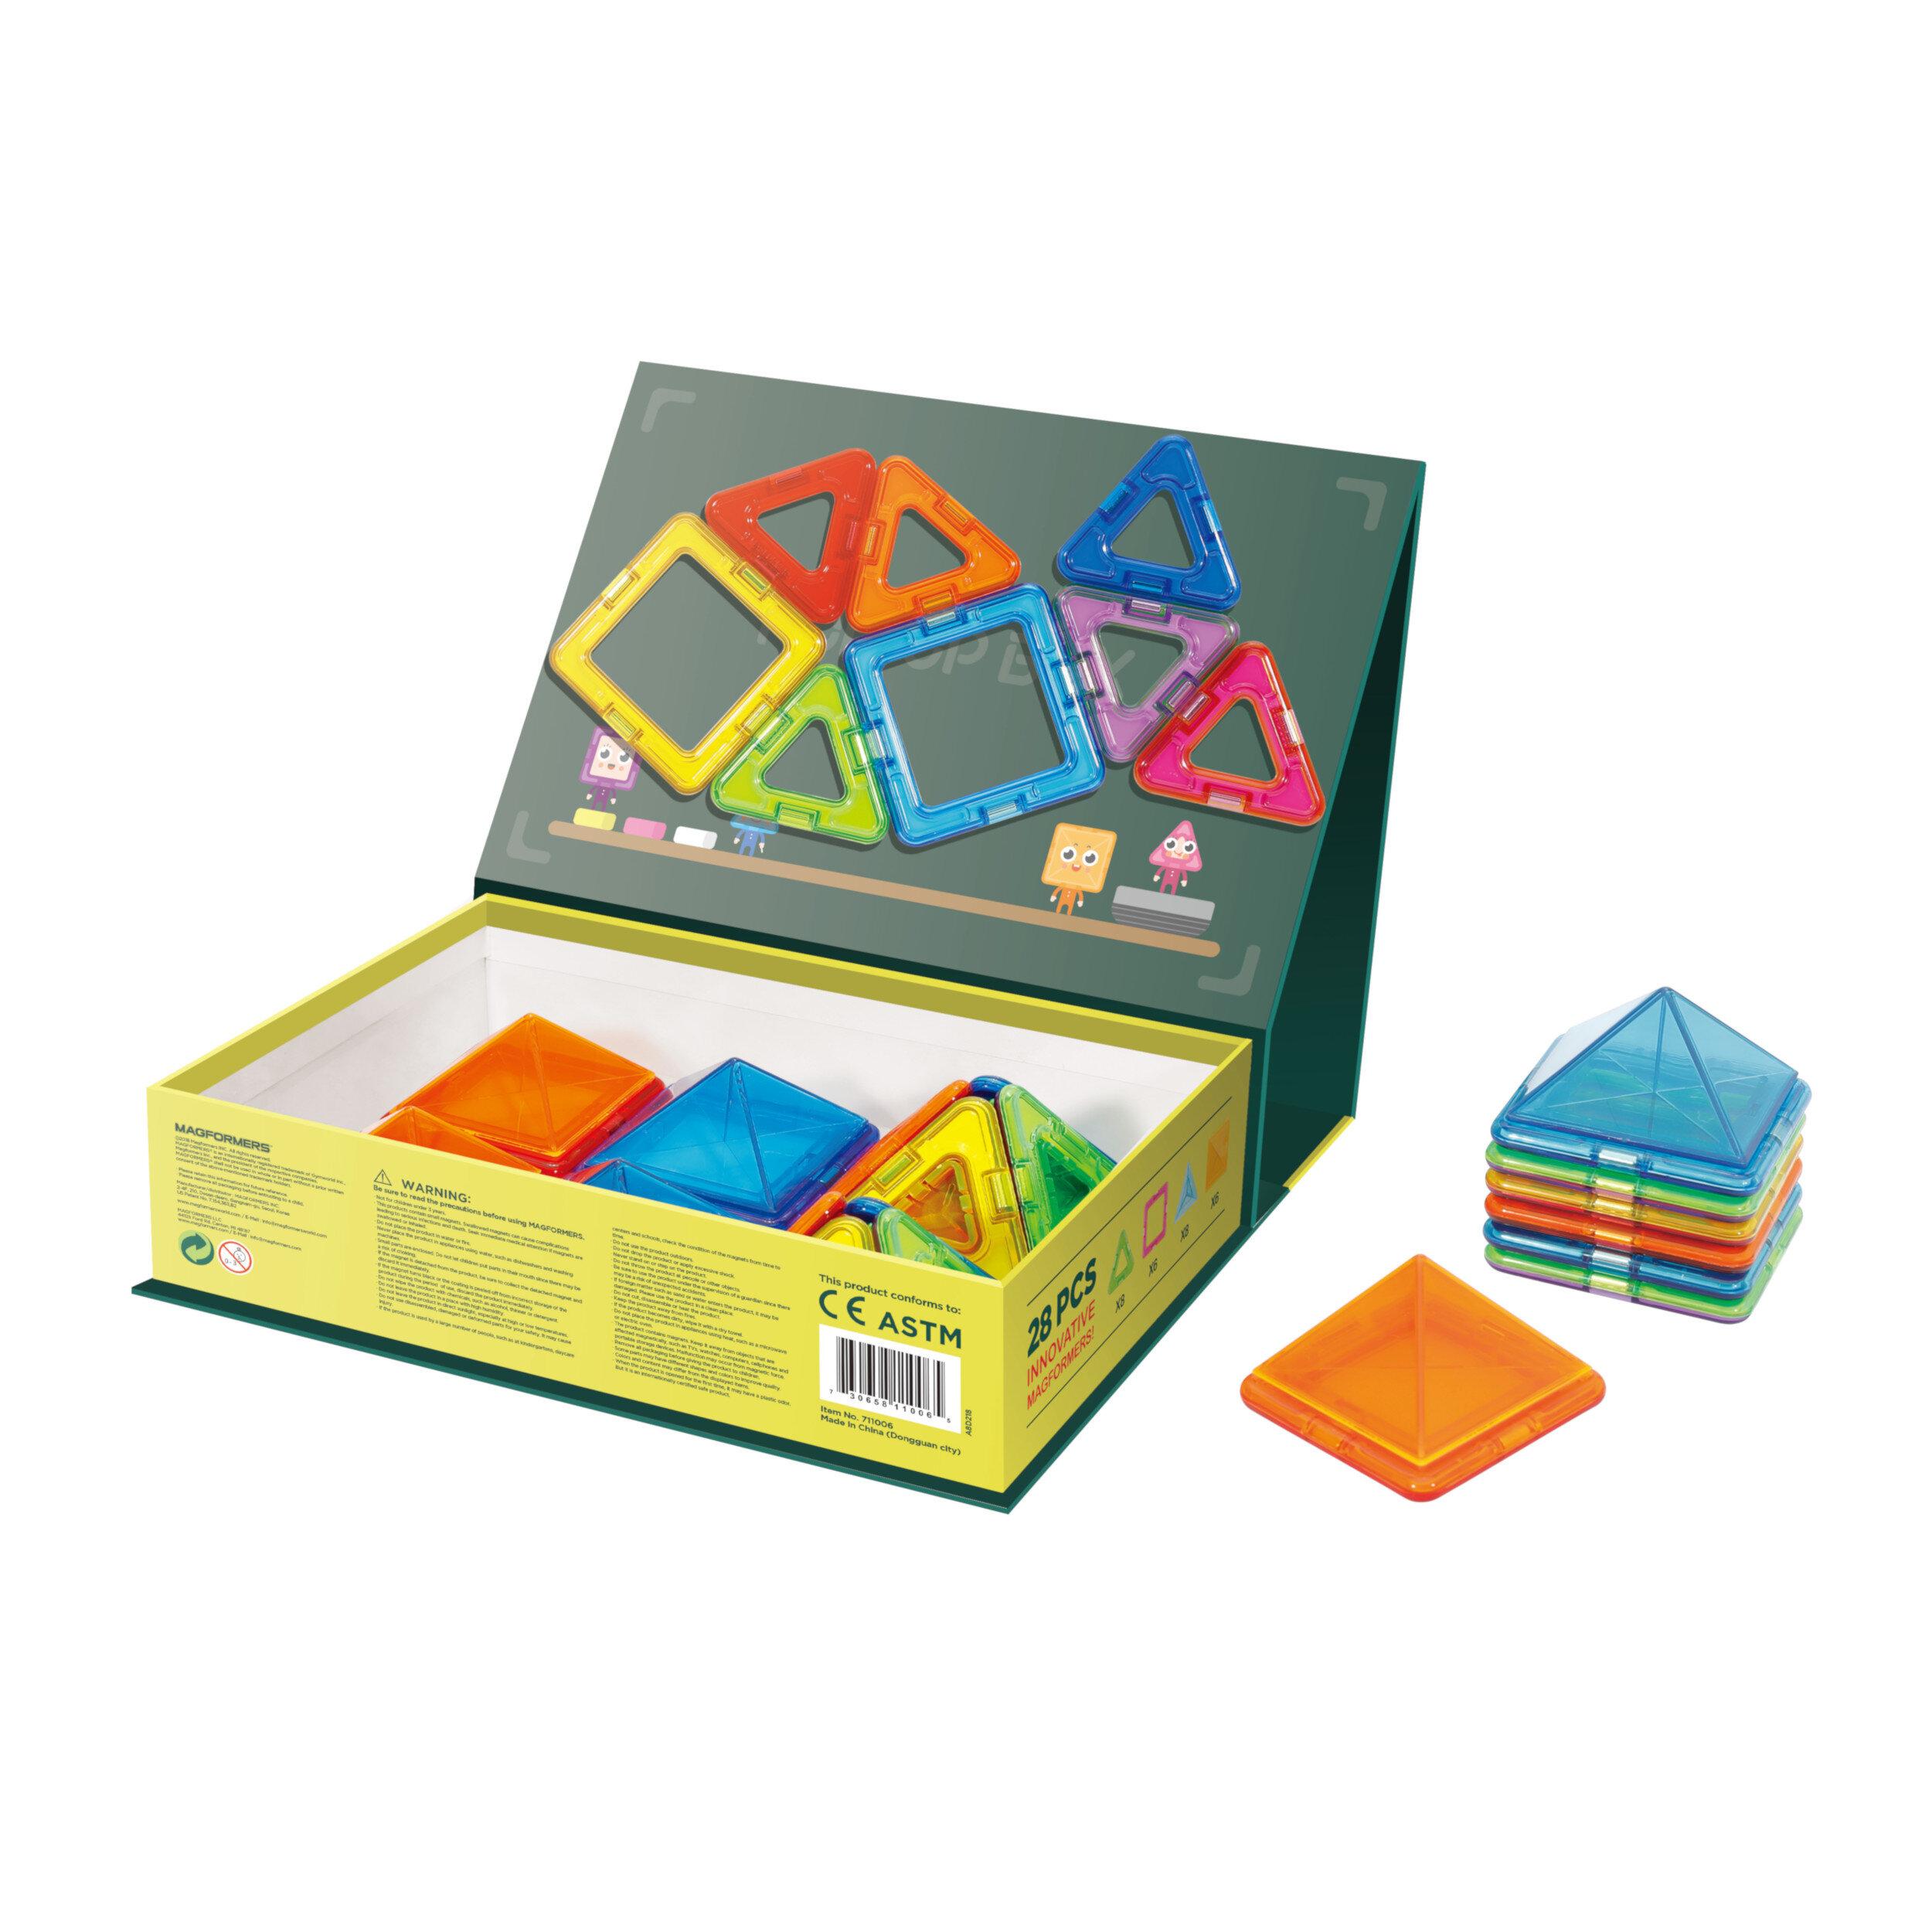 3D_POP-UP-BOX_Open_website.jpg